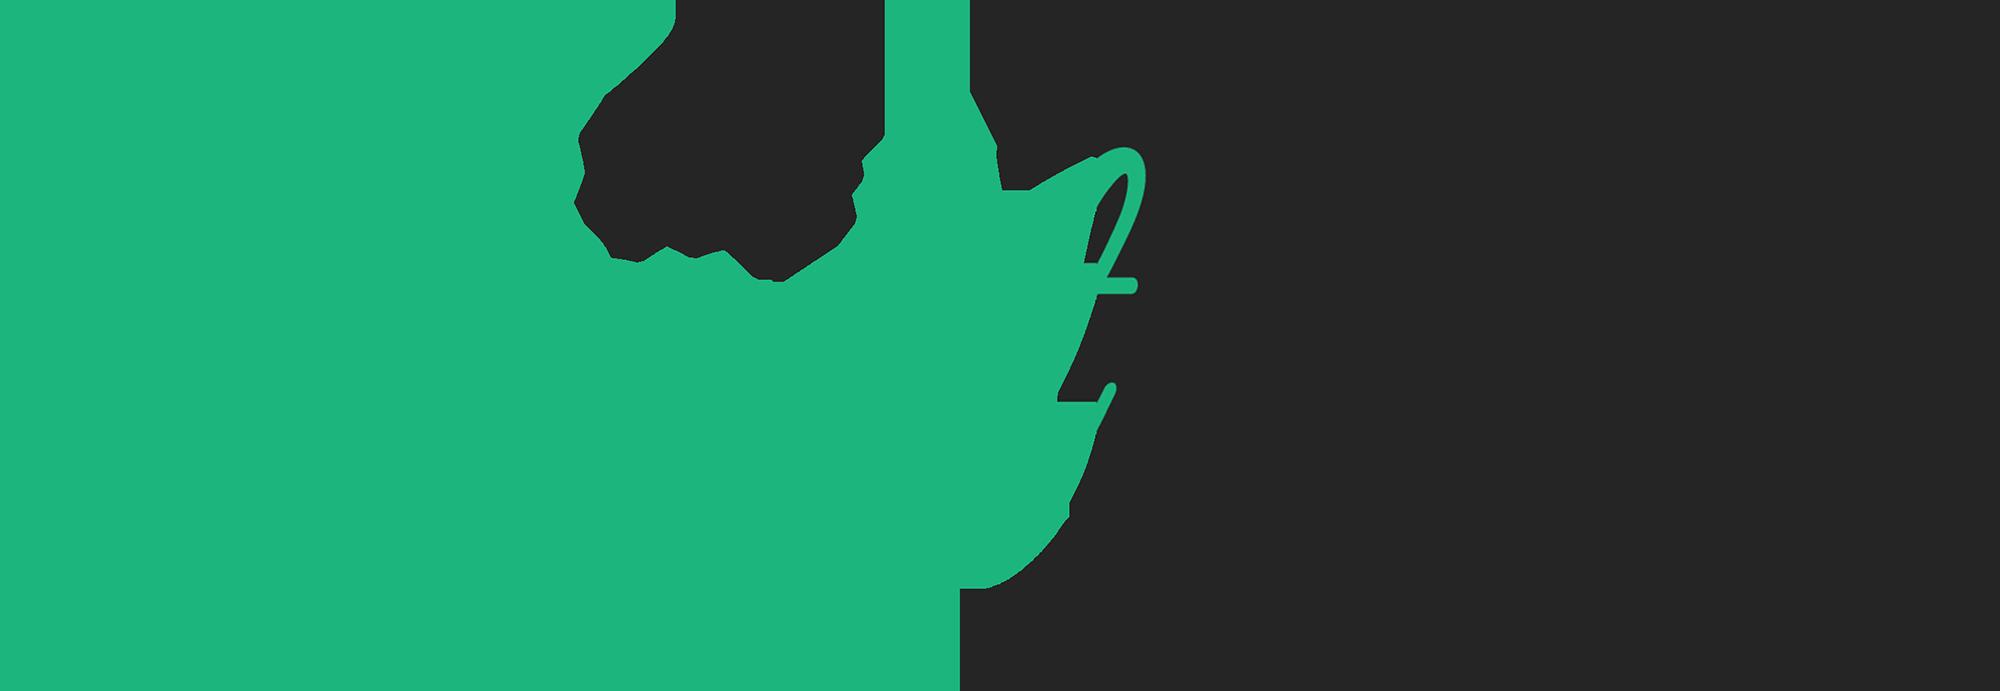 The Light Team at Keller Williams logo